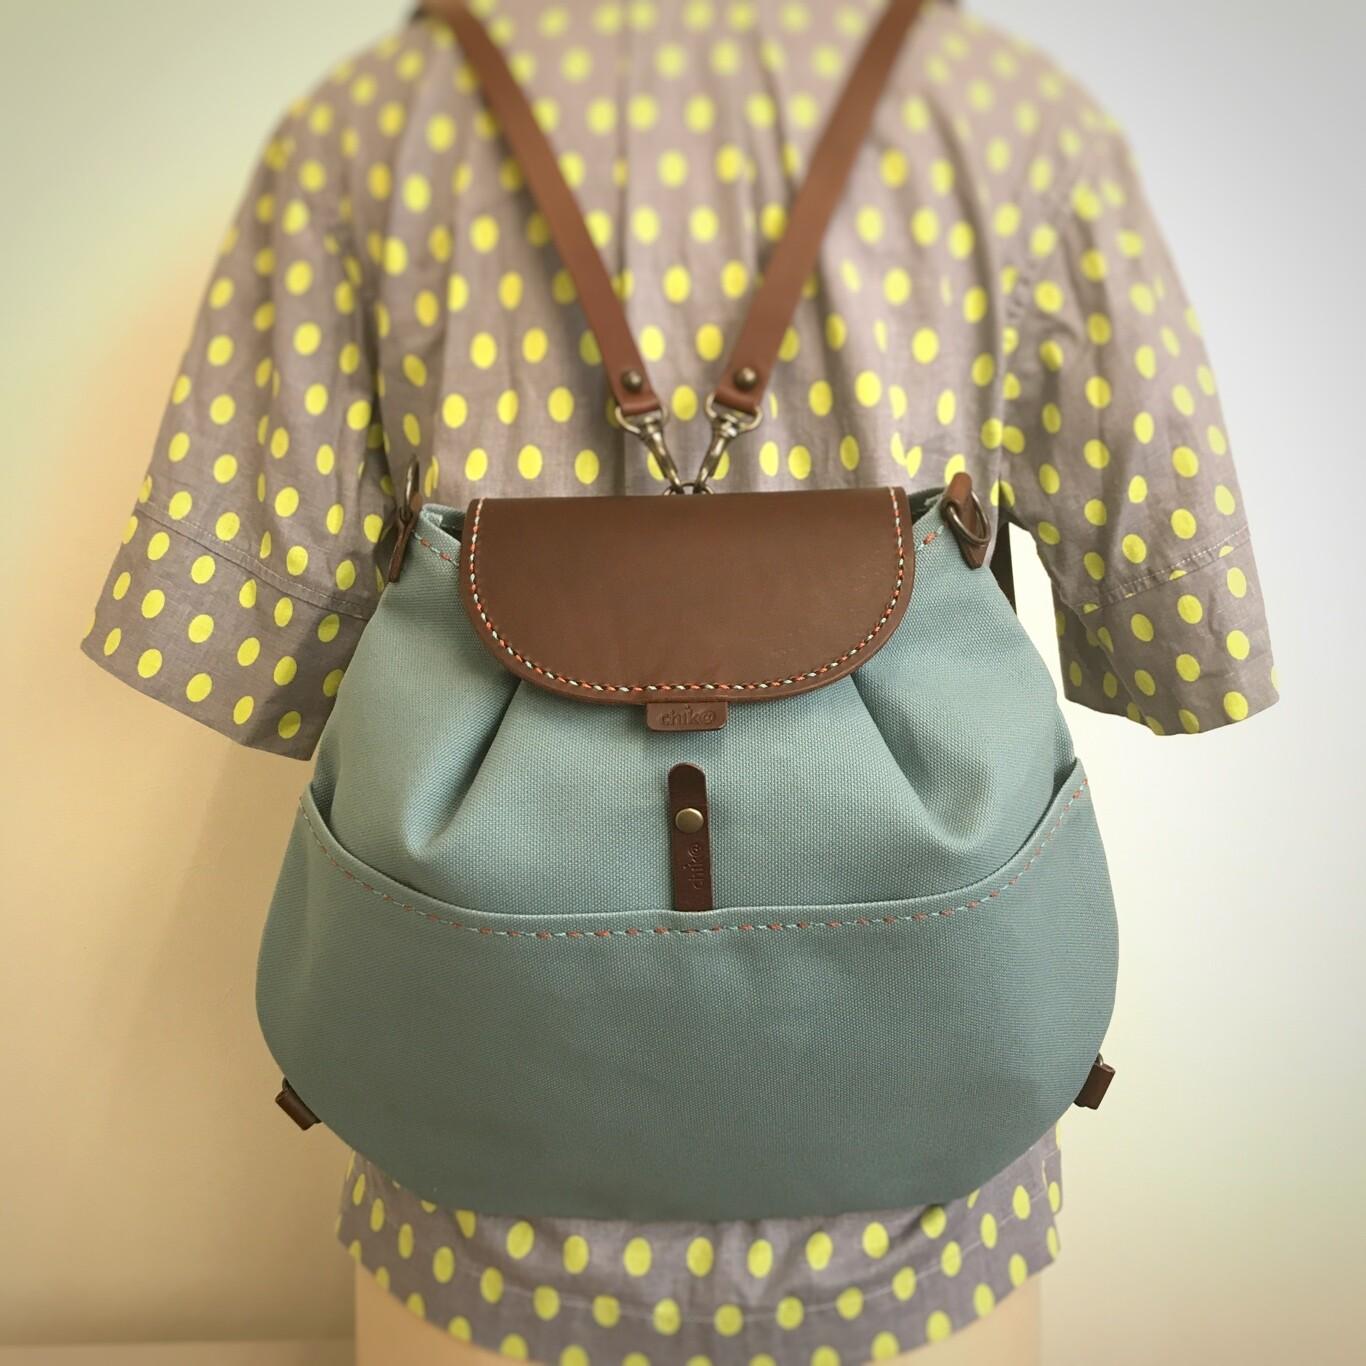 ぷっくりキャンバス製リュック・バッグ (インナーバッグ付き・手縫い)